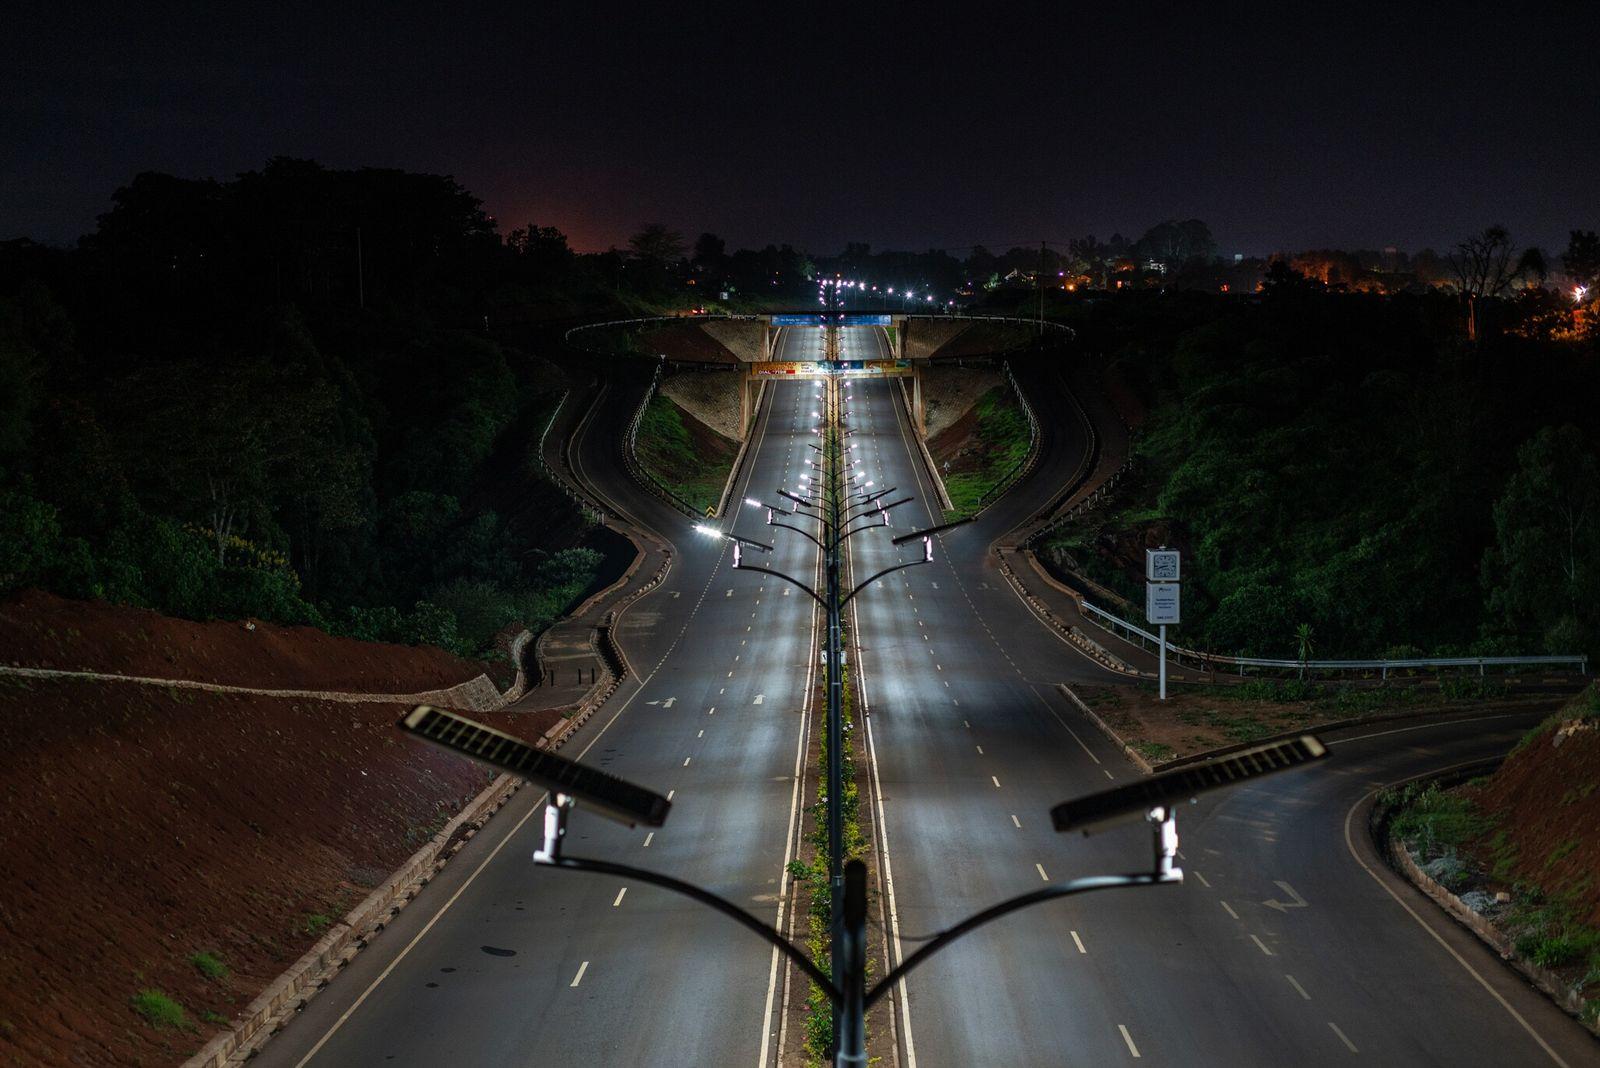 Carretera vacía en el barrio de Kitisuru, Nairobi